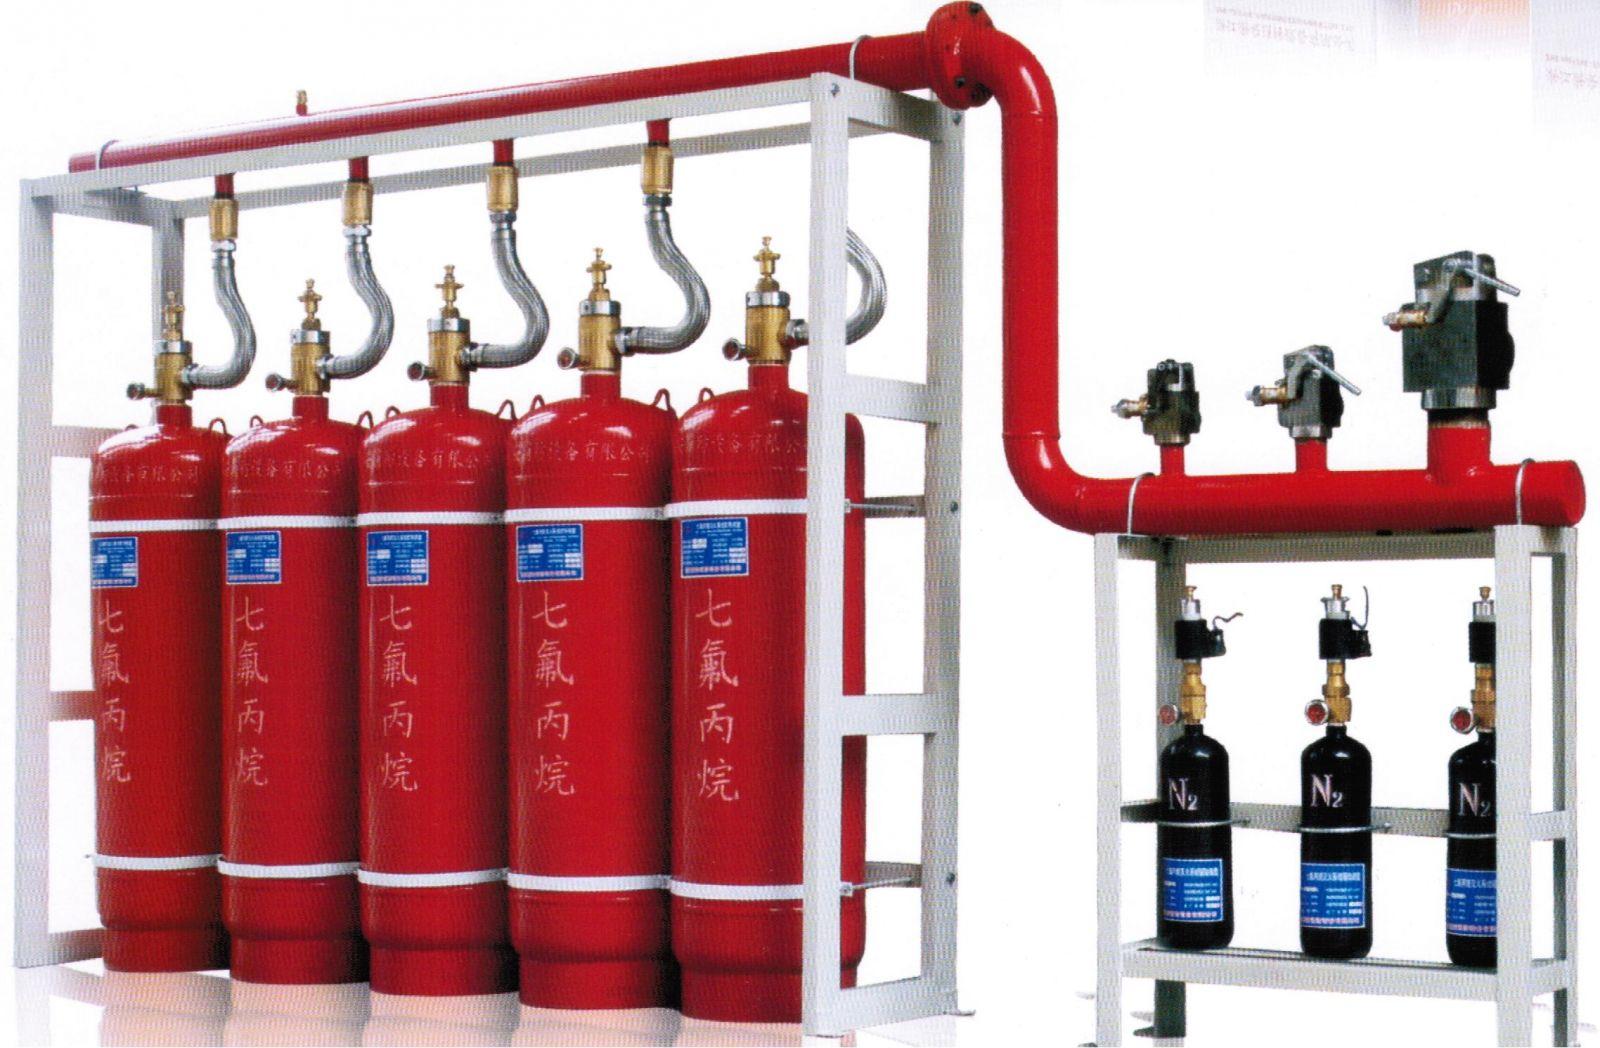 Cửa hàng thiết bị phòng cháy chữa cháy giá rẻ, hàng luôn có sẵn